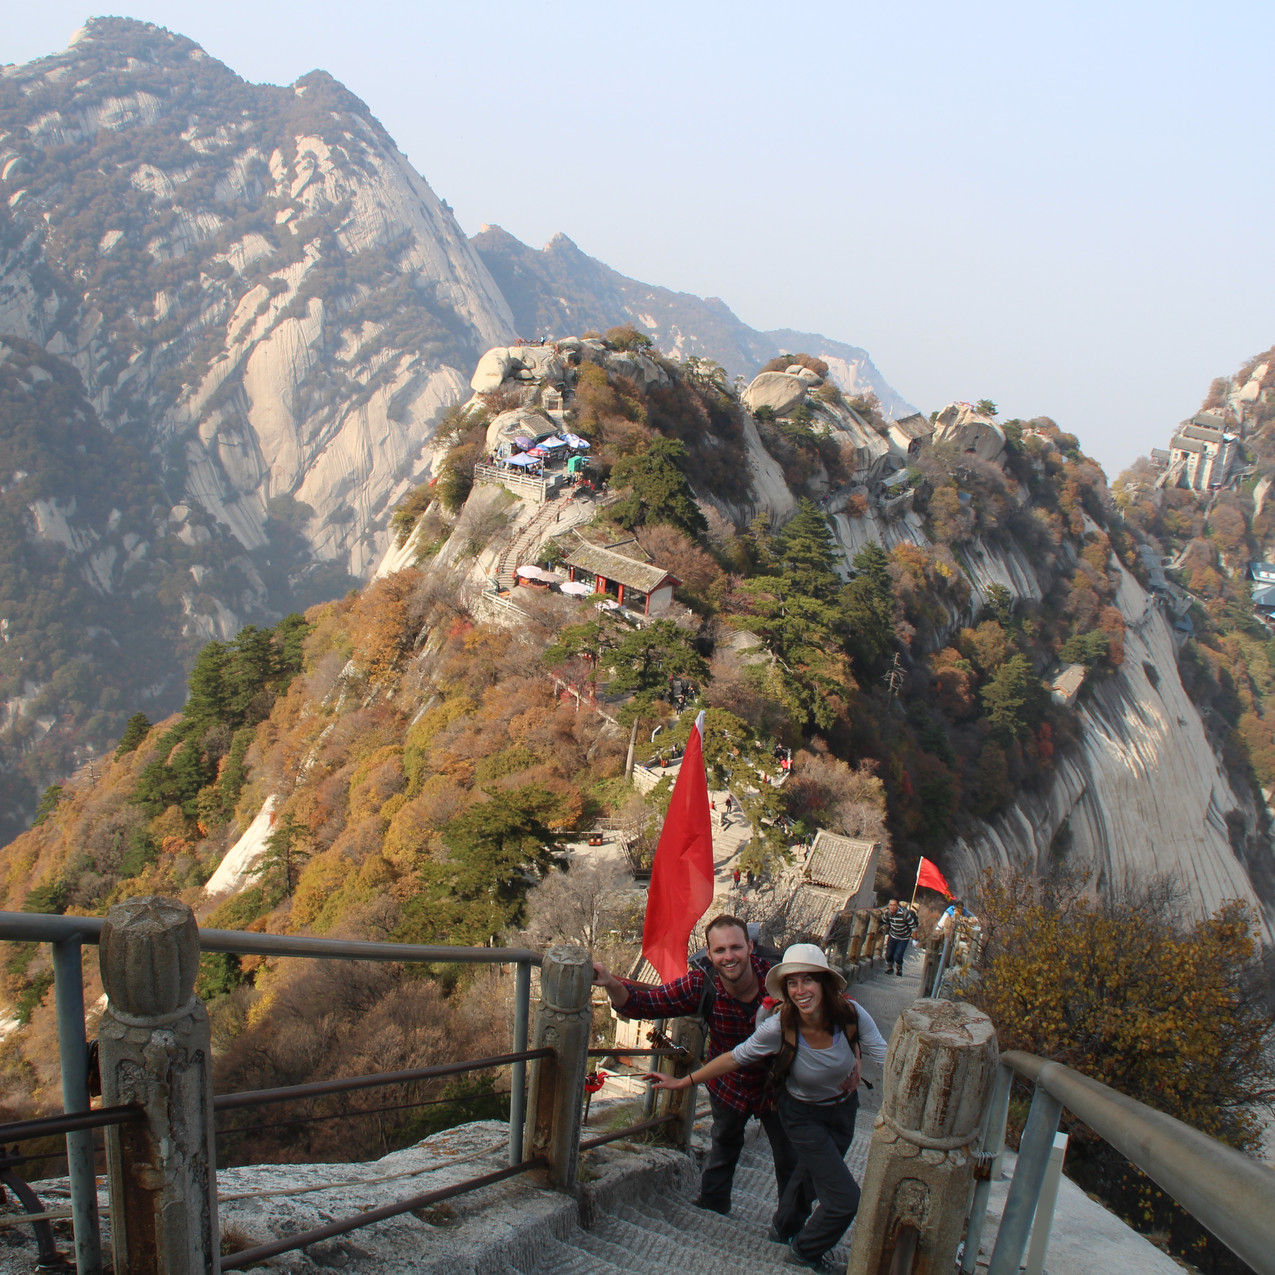 איתי וירדן מטפסים על חואשאן, הר מפורסם בסמוך לשי'אן, סין